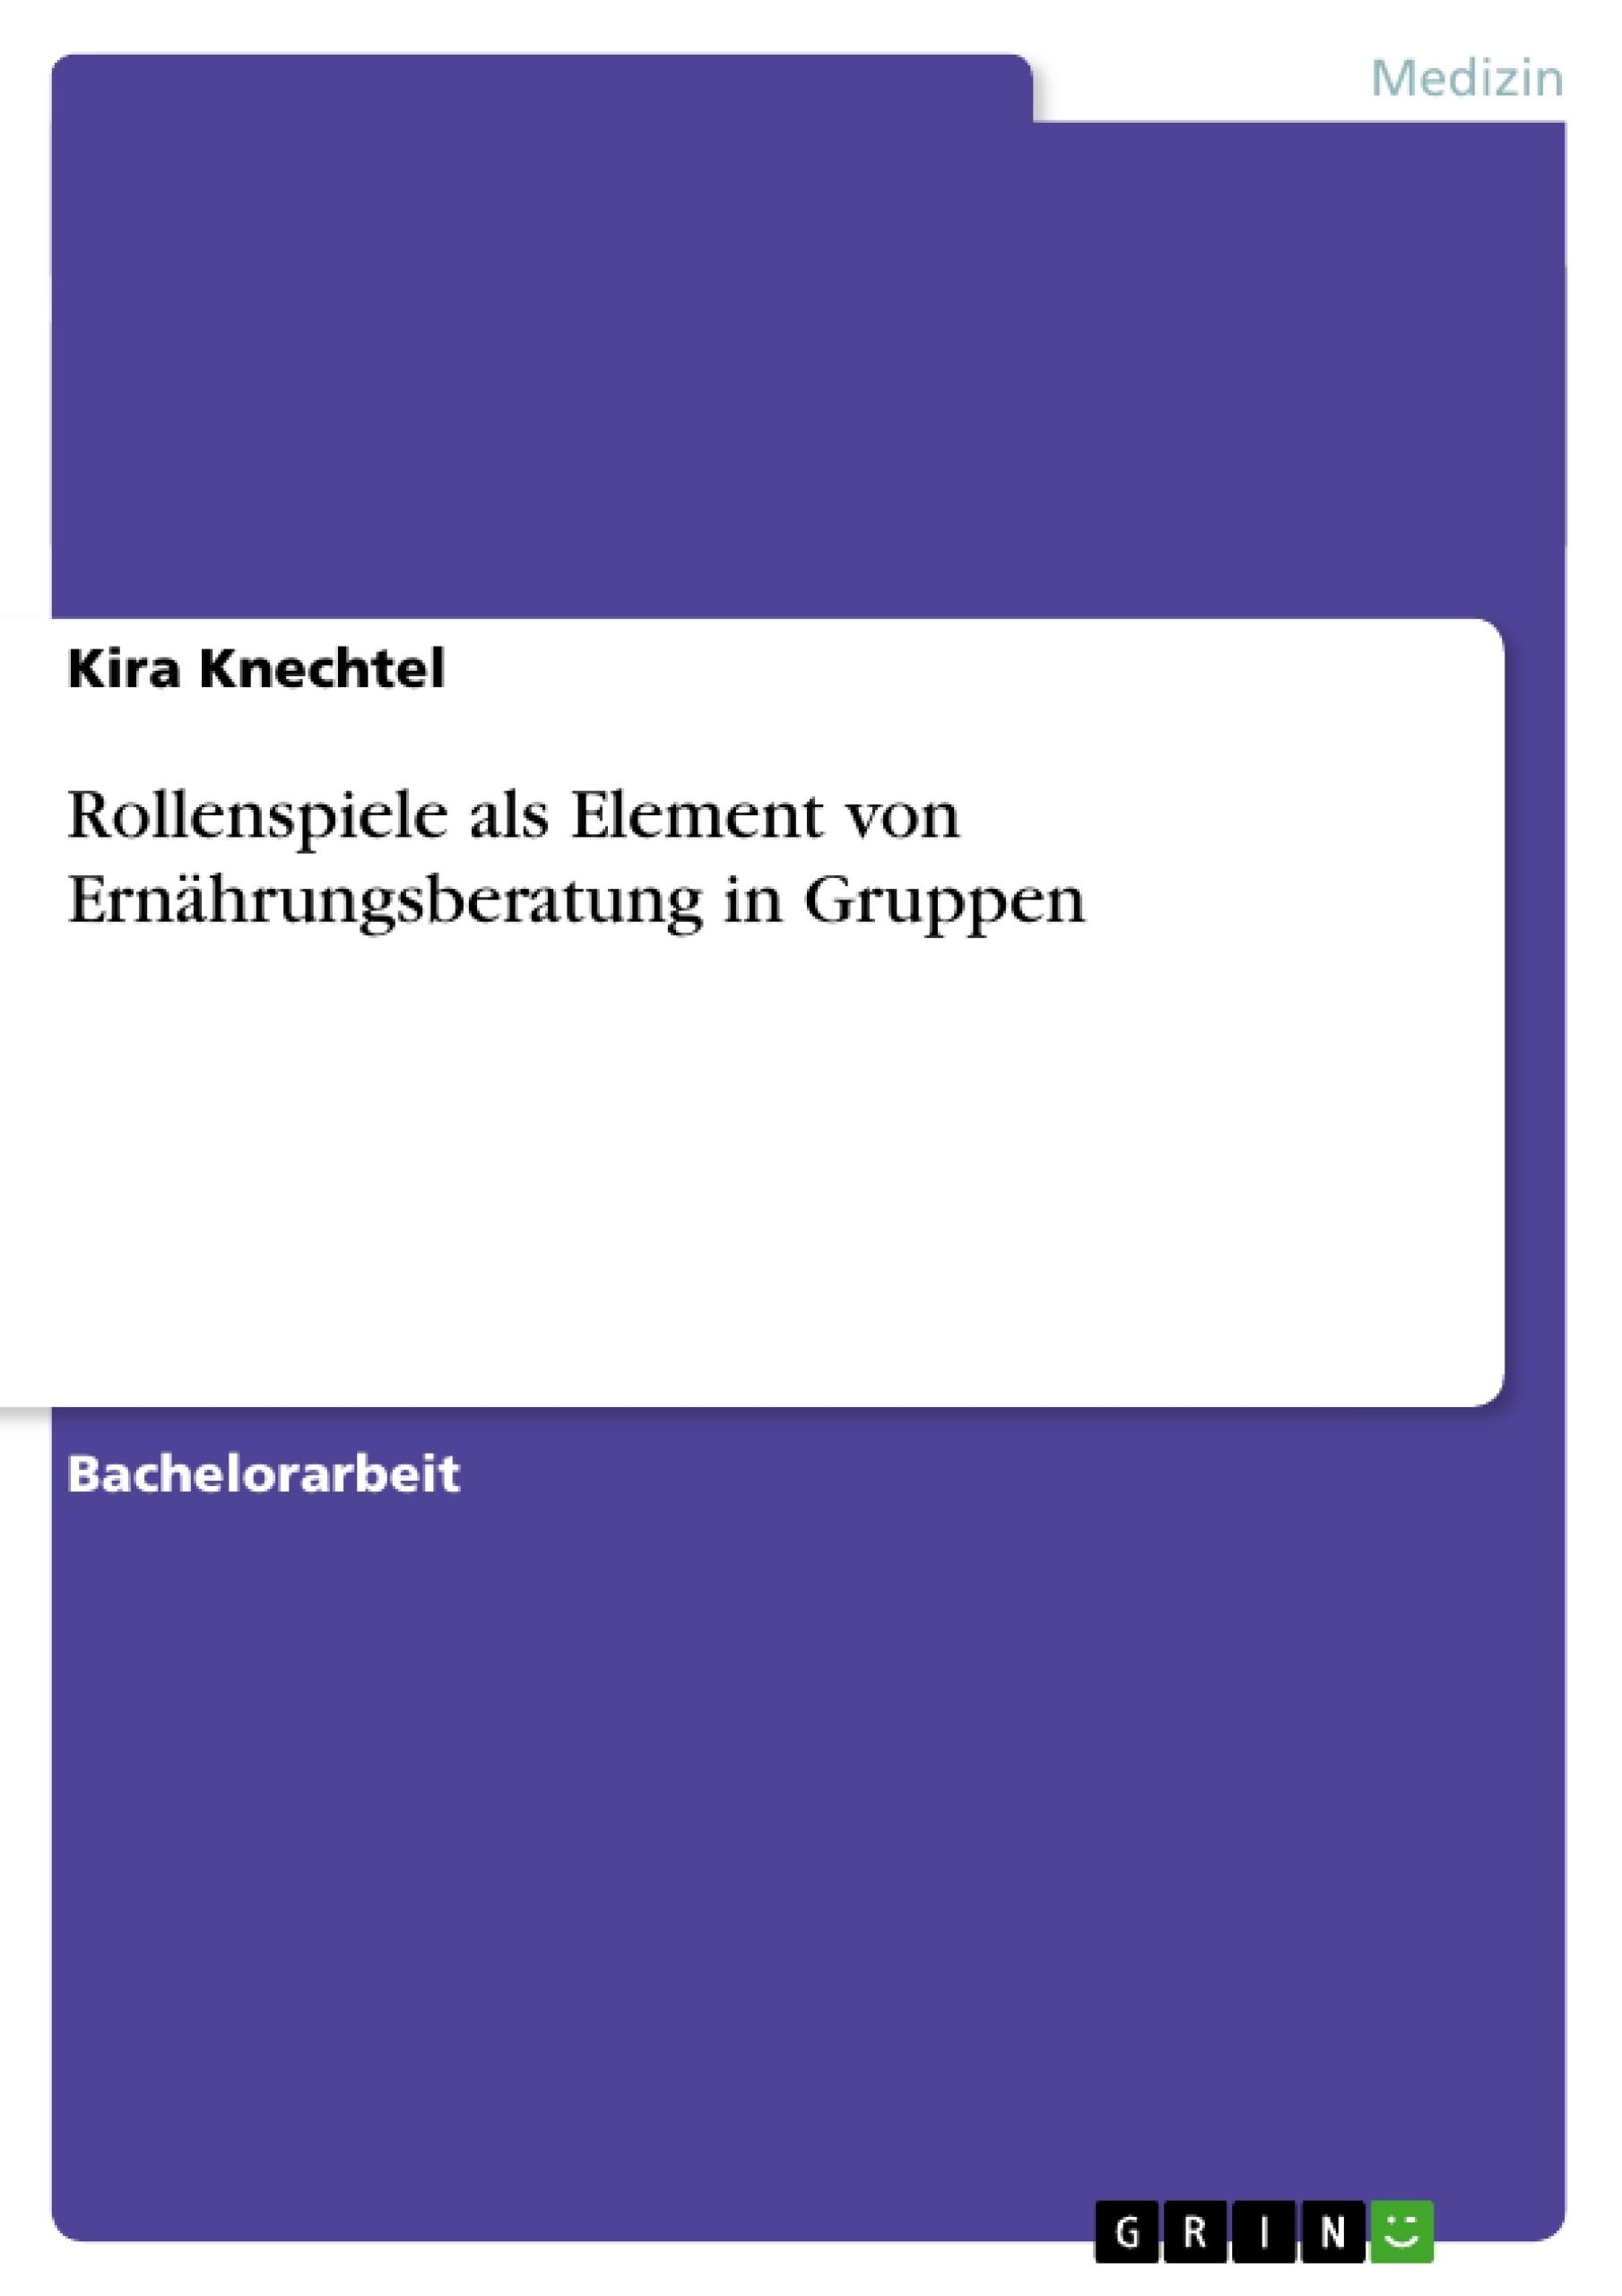 Titel: Rollenspiele als Element von Ernährungsberatung in Gruppen